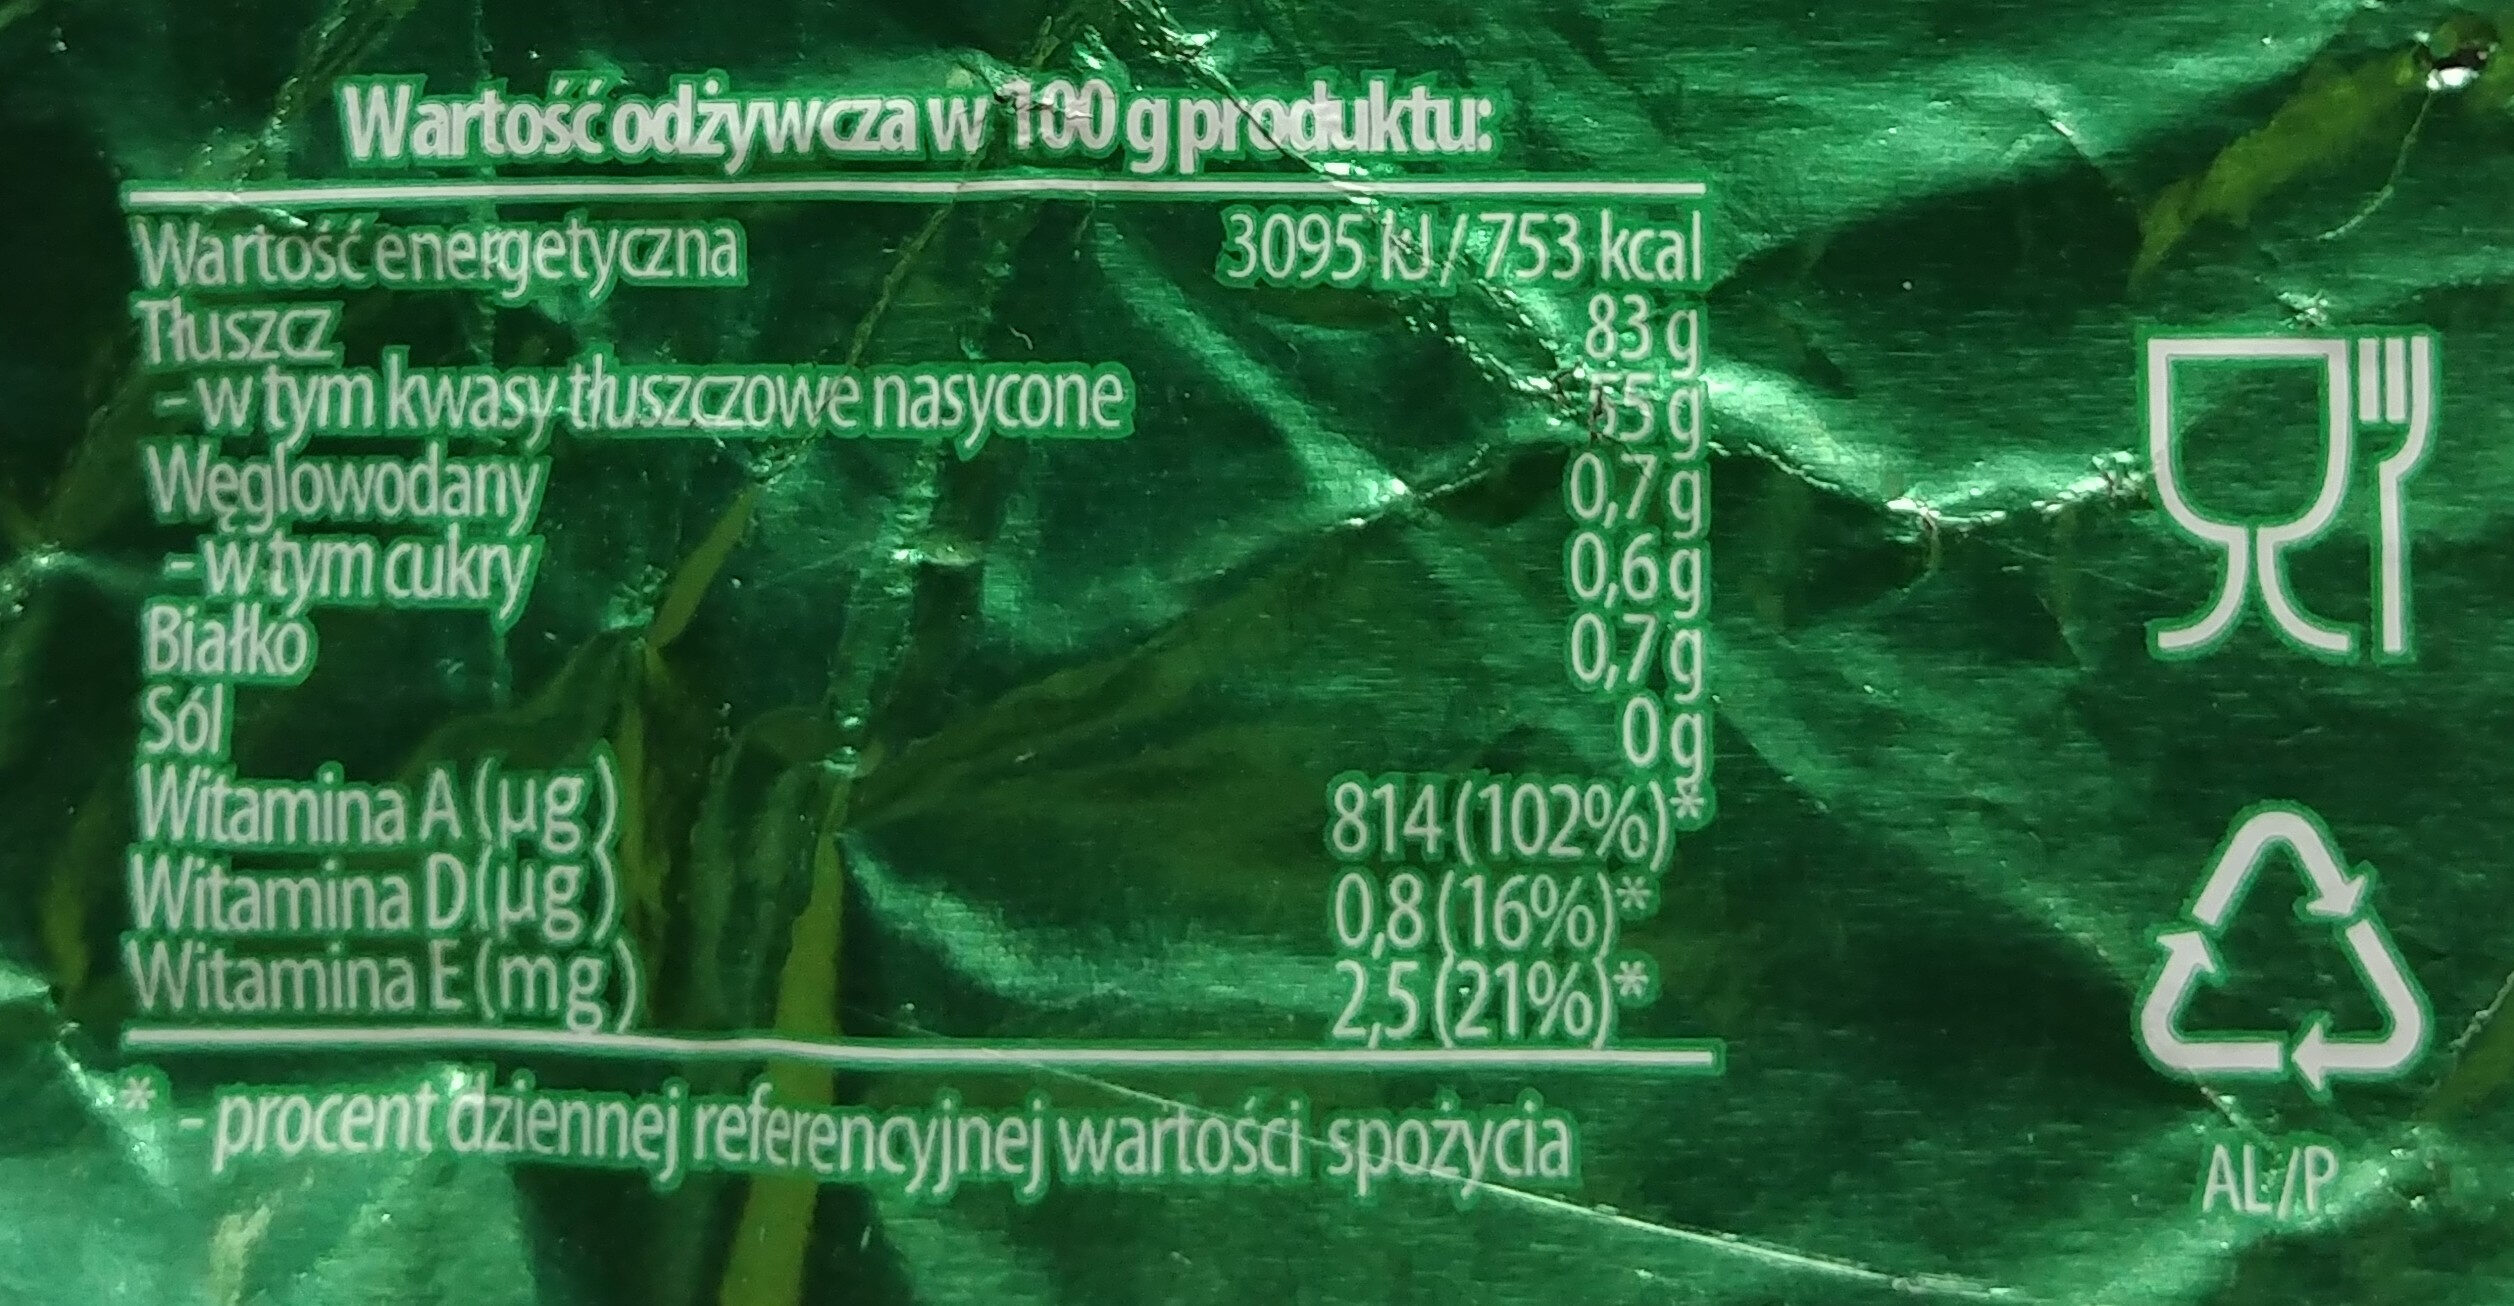 Masło ekstra z Łukowa - Wartości odżywcze - pl